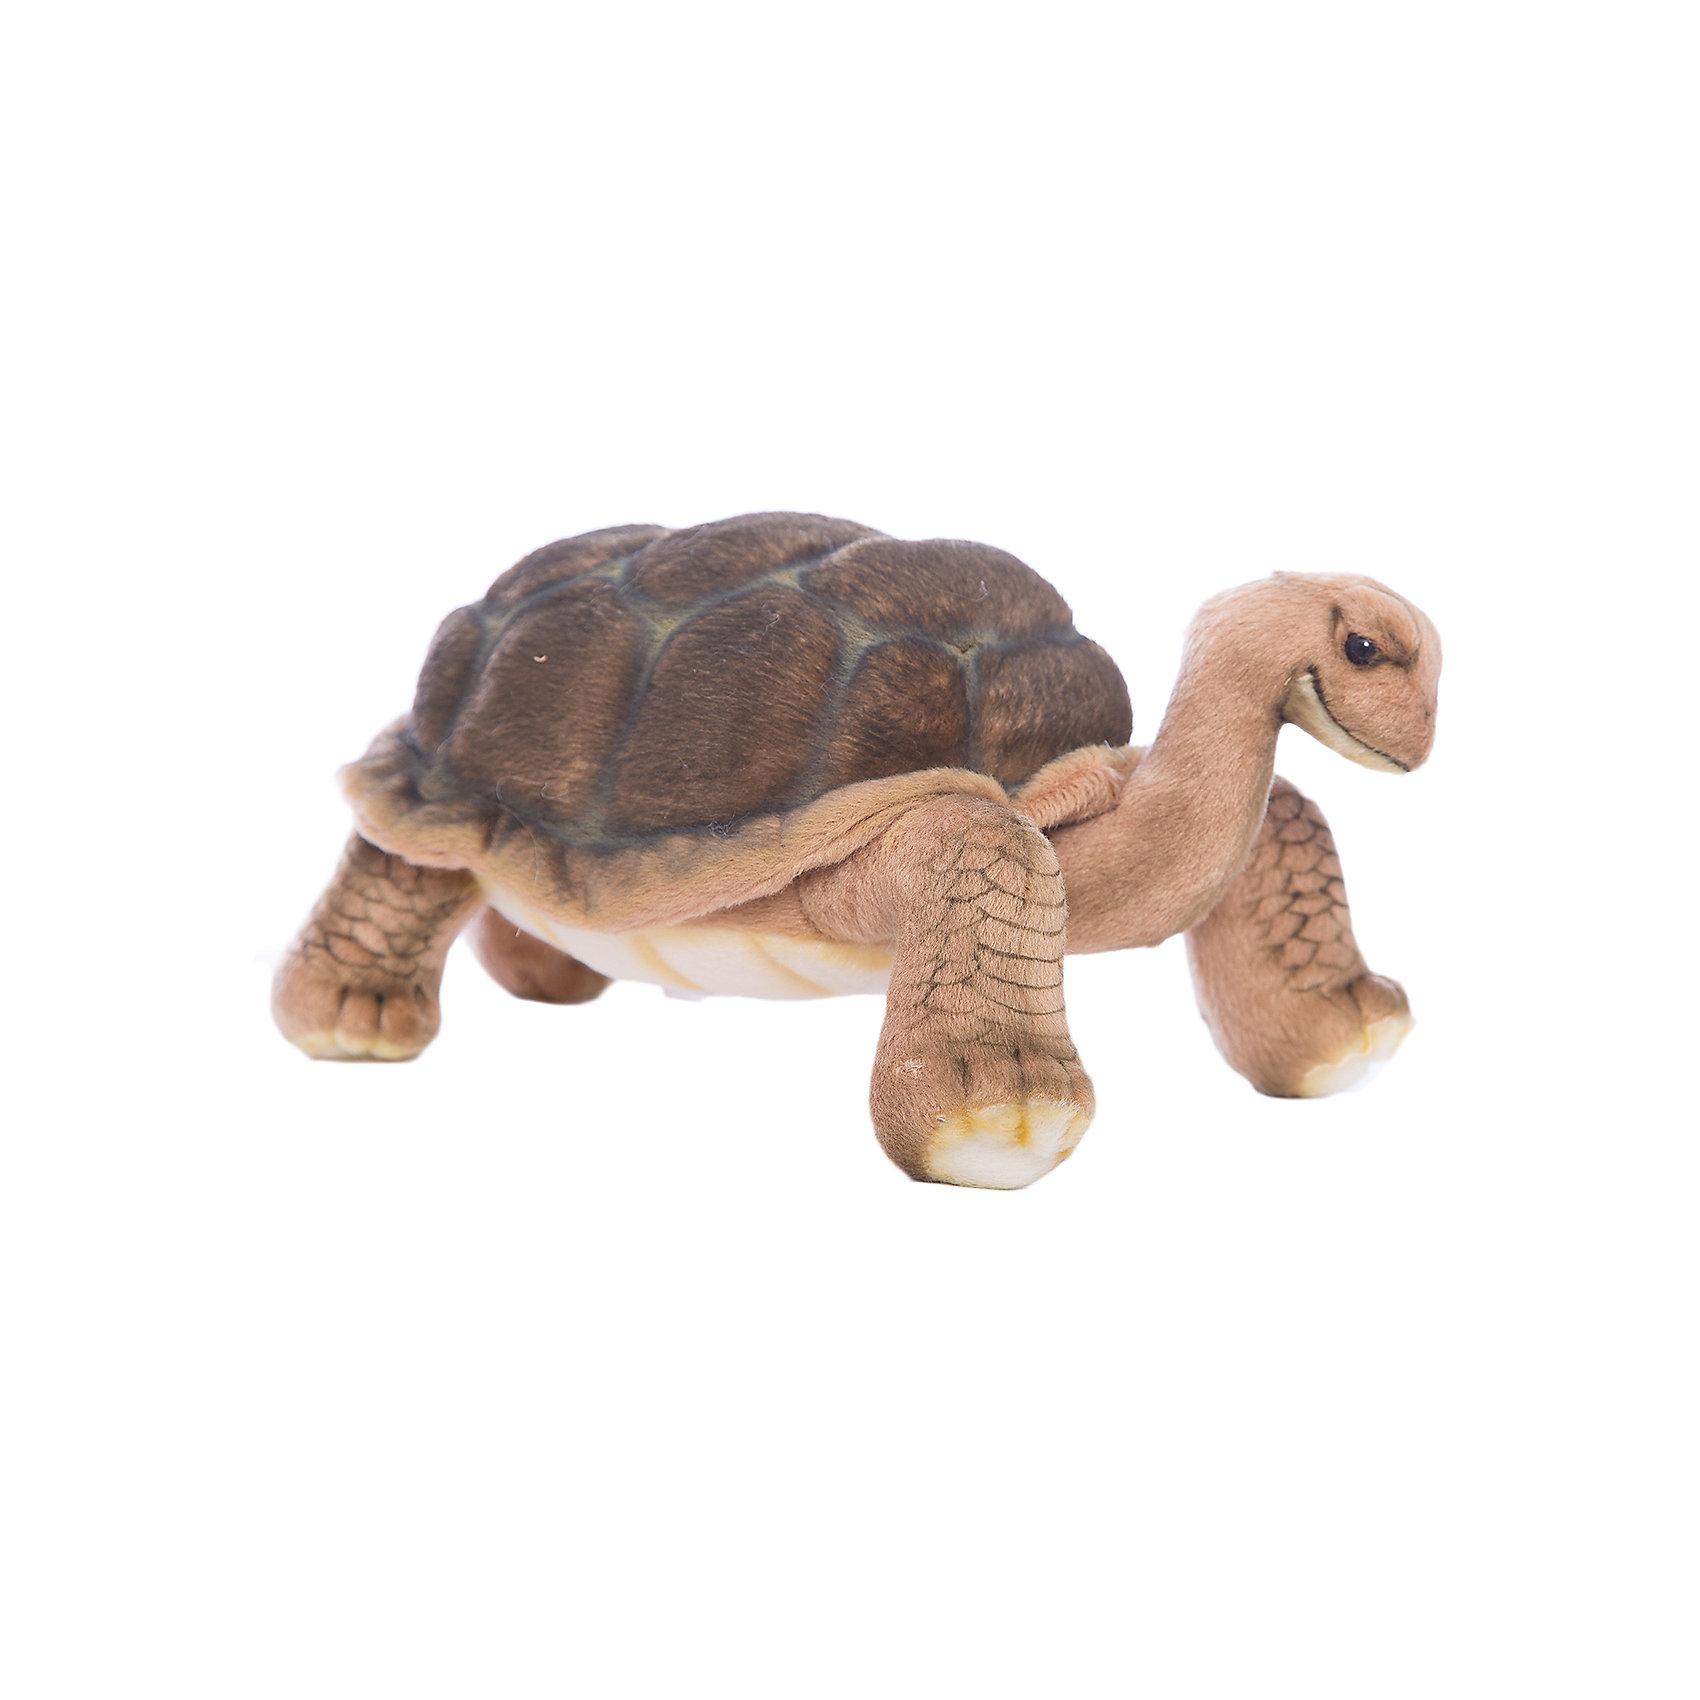 Галапагосская черепаха, 30 смЗвери и птицы<br>Галапагосская черепаха, 30 см – игрушка от знаменитого бренда Hansa, специализирующегося на выпуске мягких игрушек с высокой степенью натуралистичности. Внешний вид игрушечной черепахи полностью соответствует реальному прототипу. Она выполнена из искусственного меха с коротким ворсом, окрашенным в оттенки реального прототипа. Использованные материалы обладают гипоаллергенными свойствами. Внутри игрушки имеется металлический каркас, позволяющий изменять положение. <br>Игрушка относится к серии Дикие животные. <br>Мягкие игрушки от Hansa подходят для сюжетно-ролевых игр, для обучающих игр, направленных на знакомство с животным миром дикой природы. Кроме того, их можно использовать в качестве интерьерных игрушек. Коллекция из нескольких игрушек позволяет создать свой домашний зоопарк, который будет радовать вашего ребенка долгое время, так как ручная работа и качественные материалы гарантируют их долговечность и прочность.<br><br>Дополнительная информация:<br><br>- Вид игр: сюжетно-ролевые игры, коллекционирование, интерьерные игрушки<br>- Предназначение: для дома, для детских развивающих центров, для детских садов<br>- Материал: искусственный мех, пластик, наполнитель ? полиэфирное волокно<br>- Размер (ДхШхВ): 16*16*30 см<br>- Вес: 510 г<br>- Особенности ухода: сухая чистка при помощи пылесоса или щетки для одежды<br><br>Подробнее:<br><br>• Для детей в возрасте: от 3 лет <br>• Страна производитель: Филиппины<br>• Торговый бренд: Hansa<br><br>Галапагосскую черепаху, 30 см можно купить в нашем интернет-магазине.<br><br>Ширина мм: 16<br>Глубина мм: 16<br>Высота мм: 30<br>Вес г: 510<br>Возраст от месяцев: 36<br>Возраст до месяцев: 2147483647<br>Пол: Унисекс<br>Возраст: Детский<br>SKU: 4927231